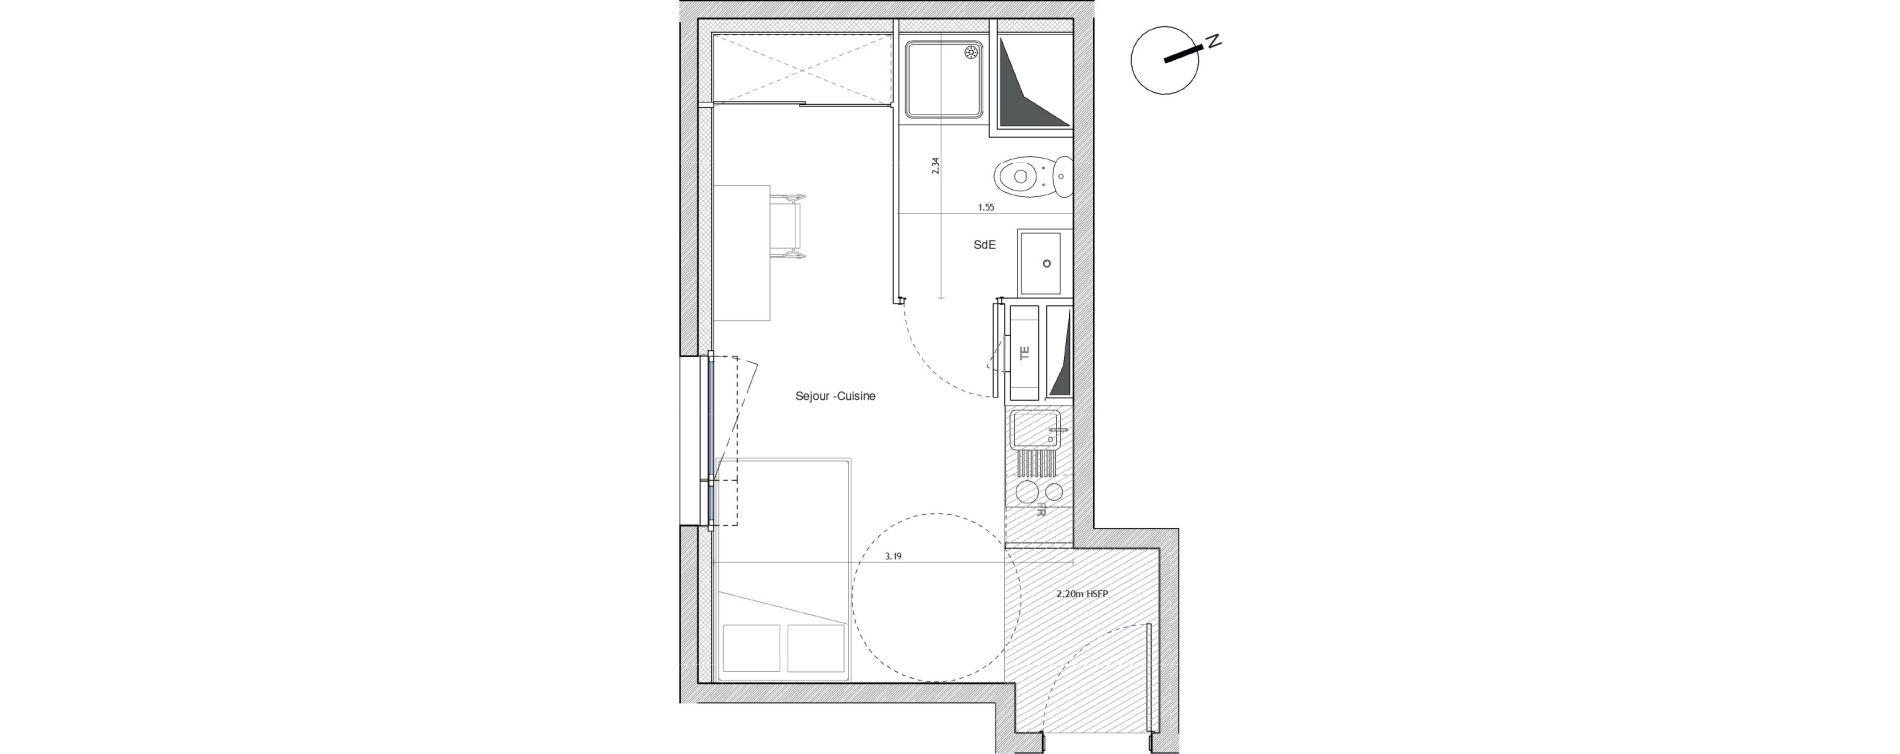 Appartement T1 meublé de 18,40 m2 à Montpellier Montpellier centre